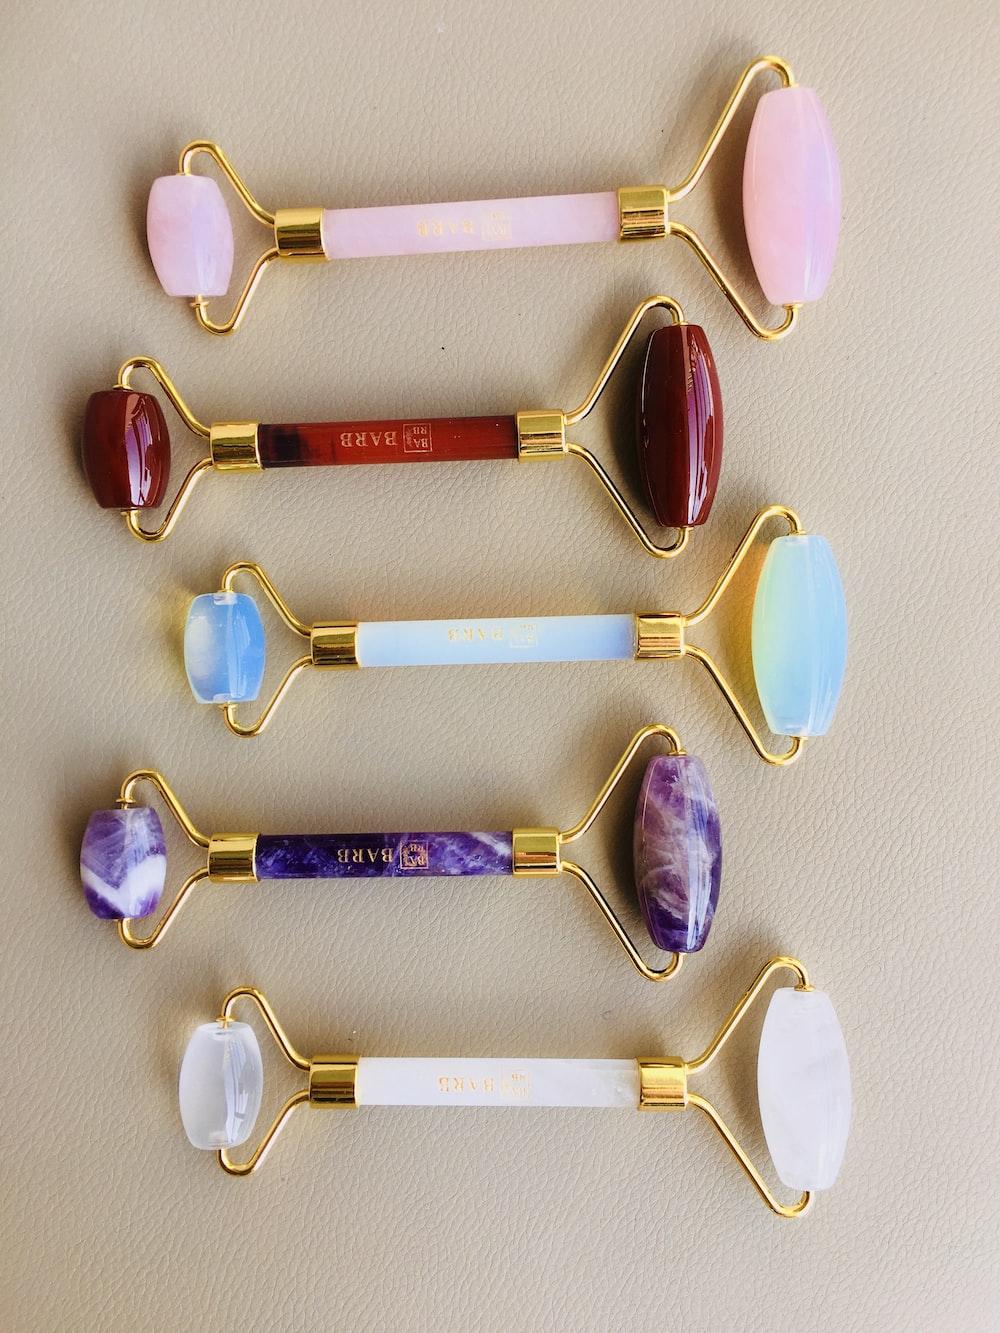 seven white and purple spoon